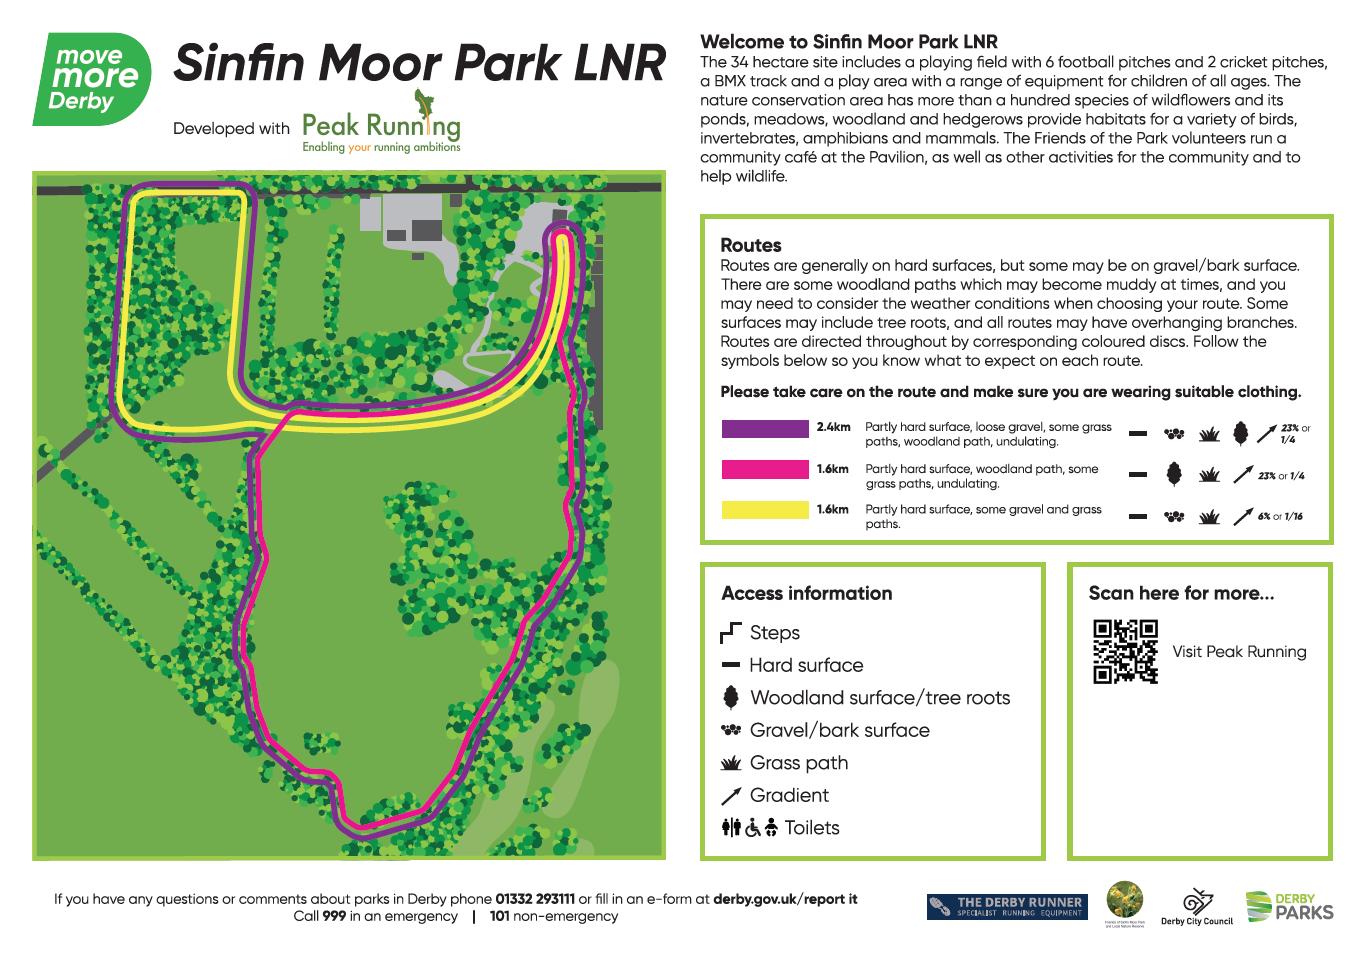 Sinfin Moor Park LNR